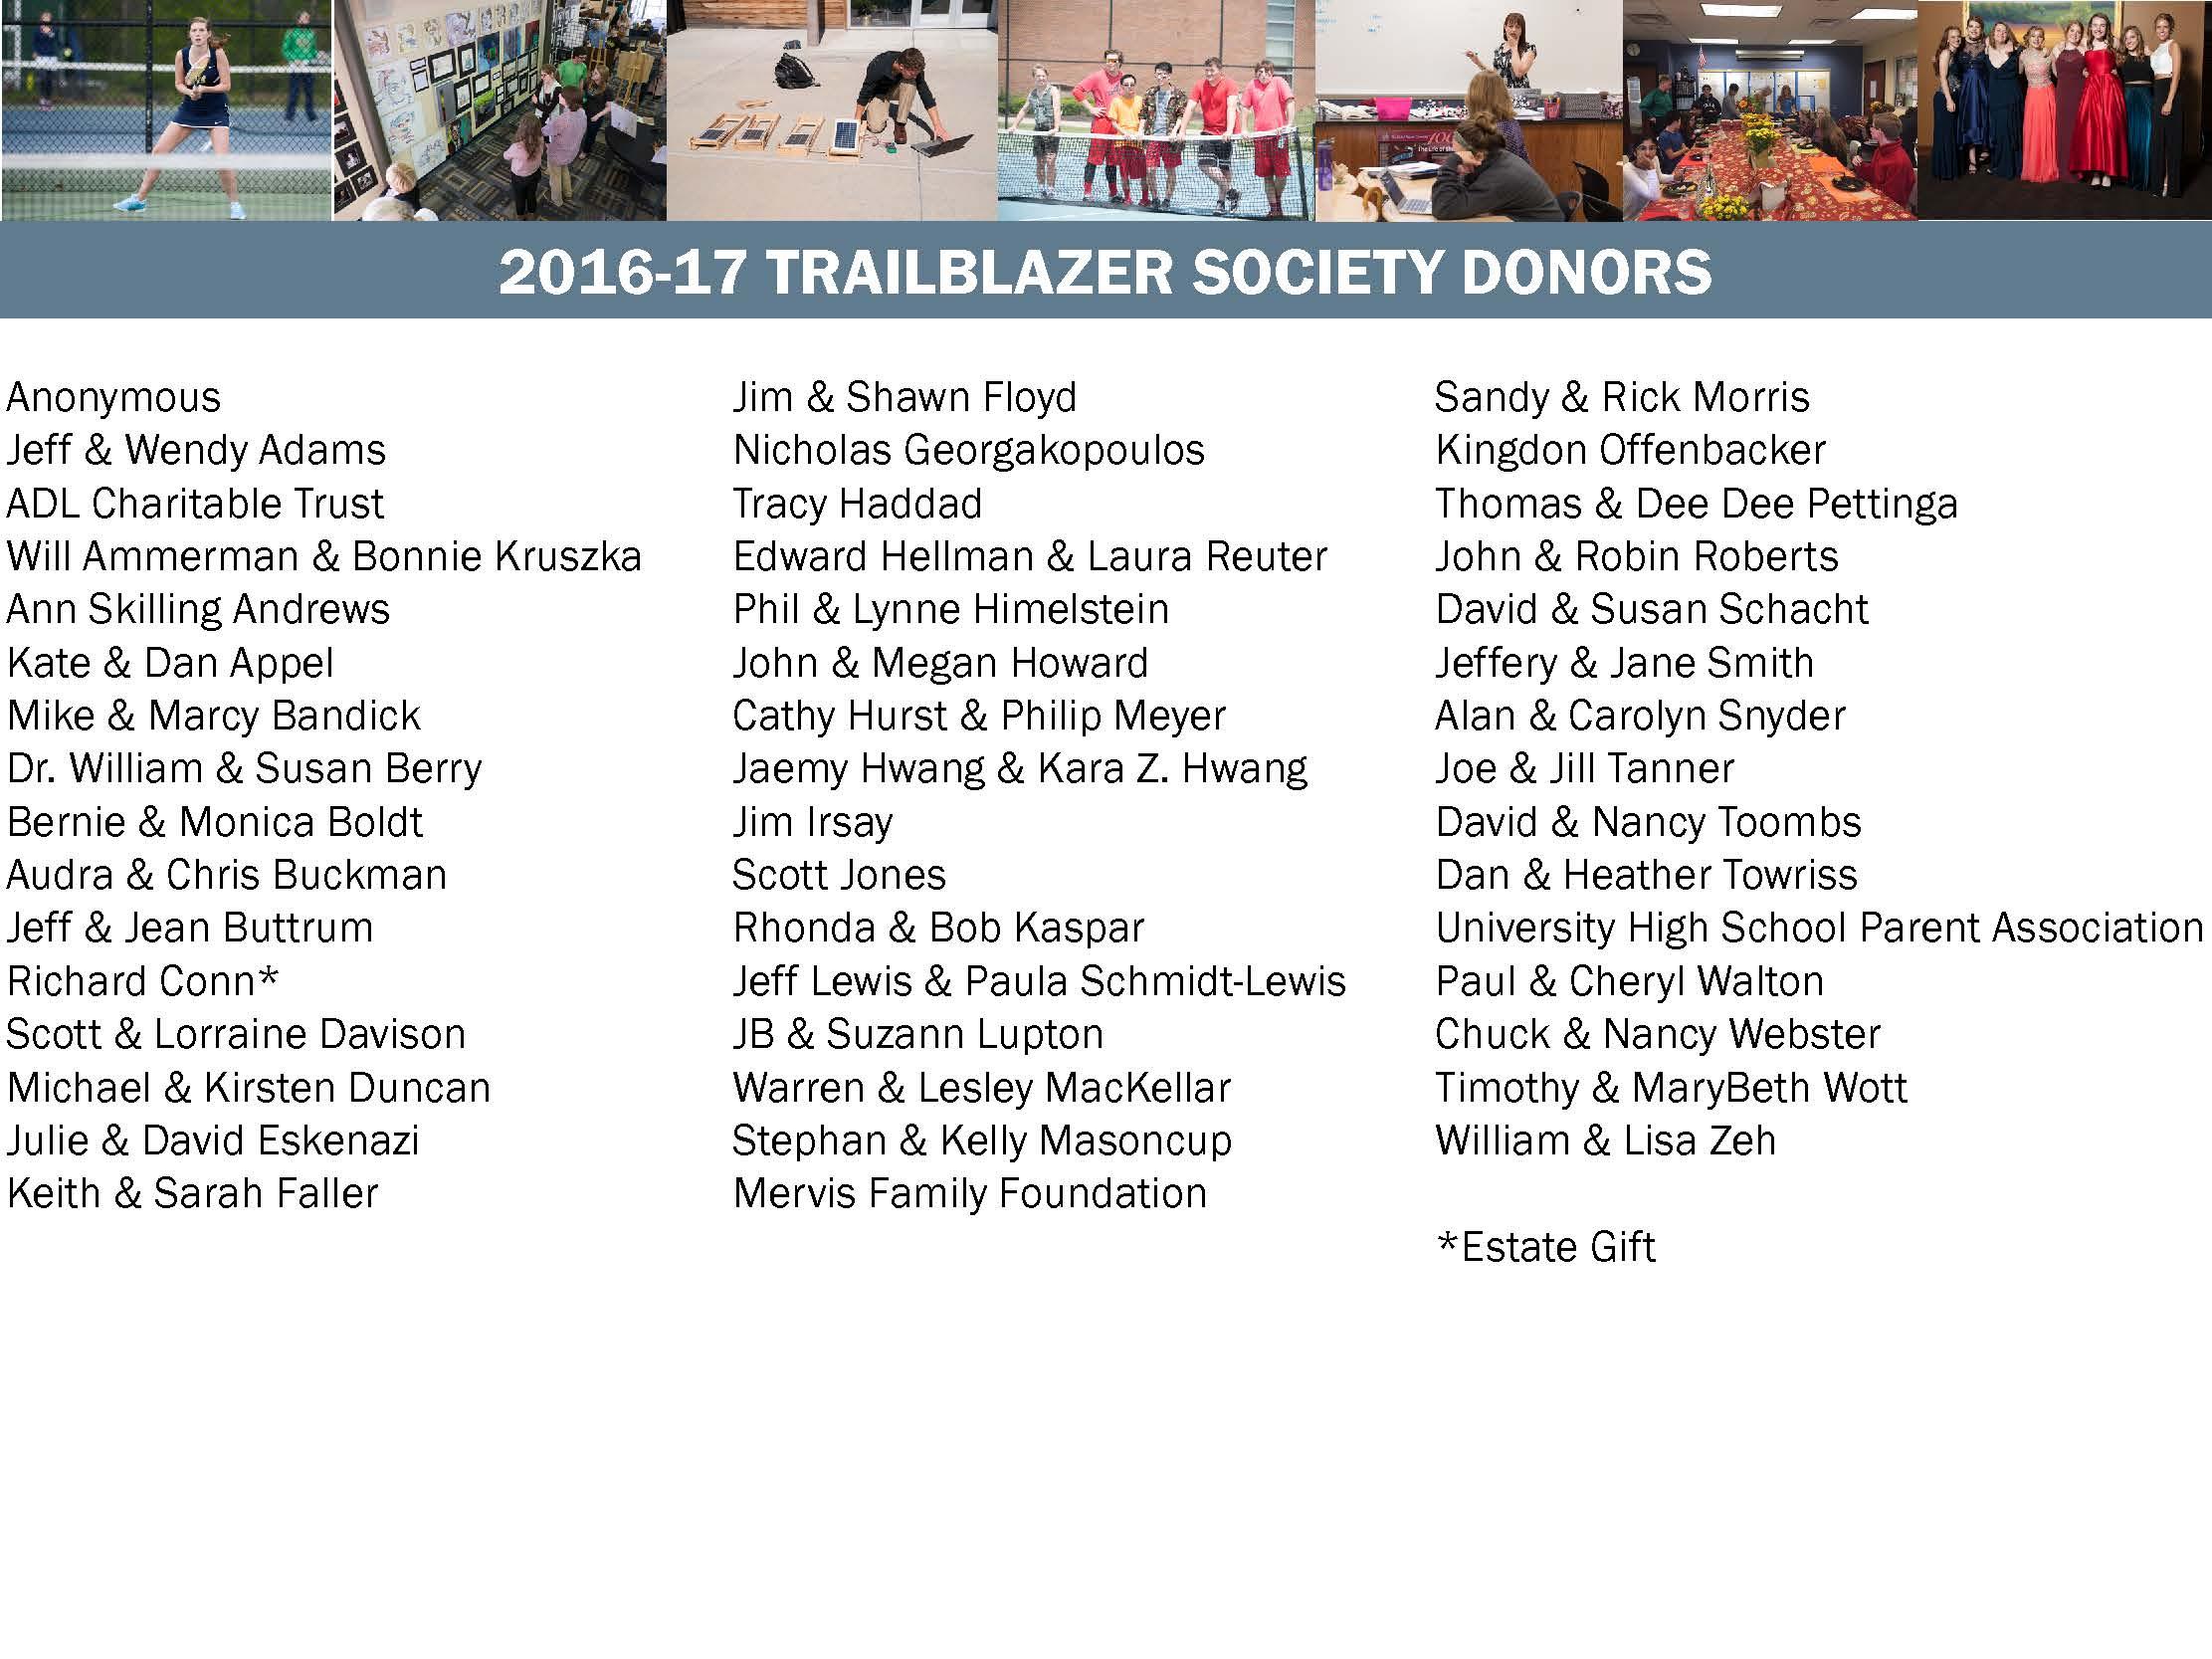 Trailblazer Society